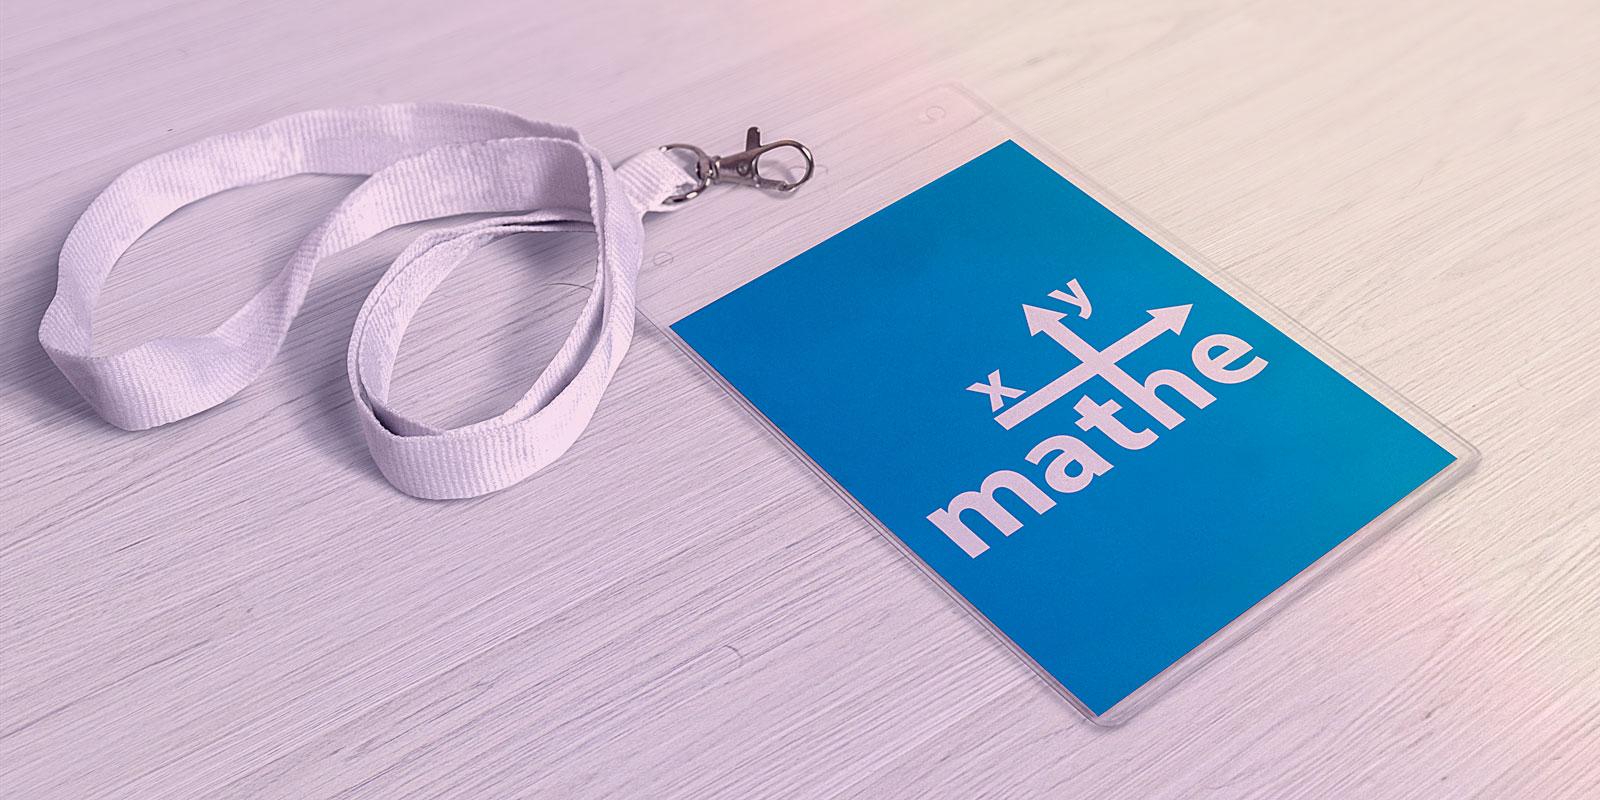 Invertierte Marke Mathe xy – Mockup Lanyart